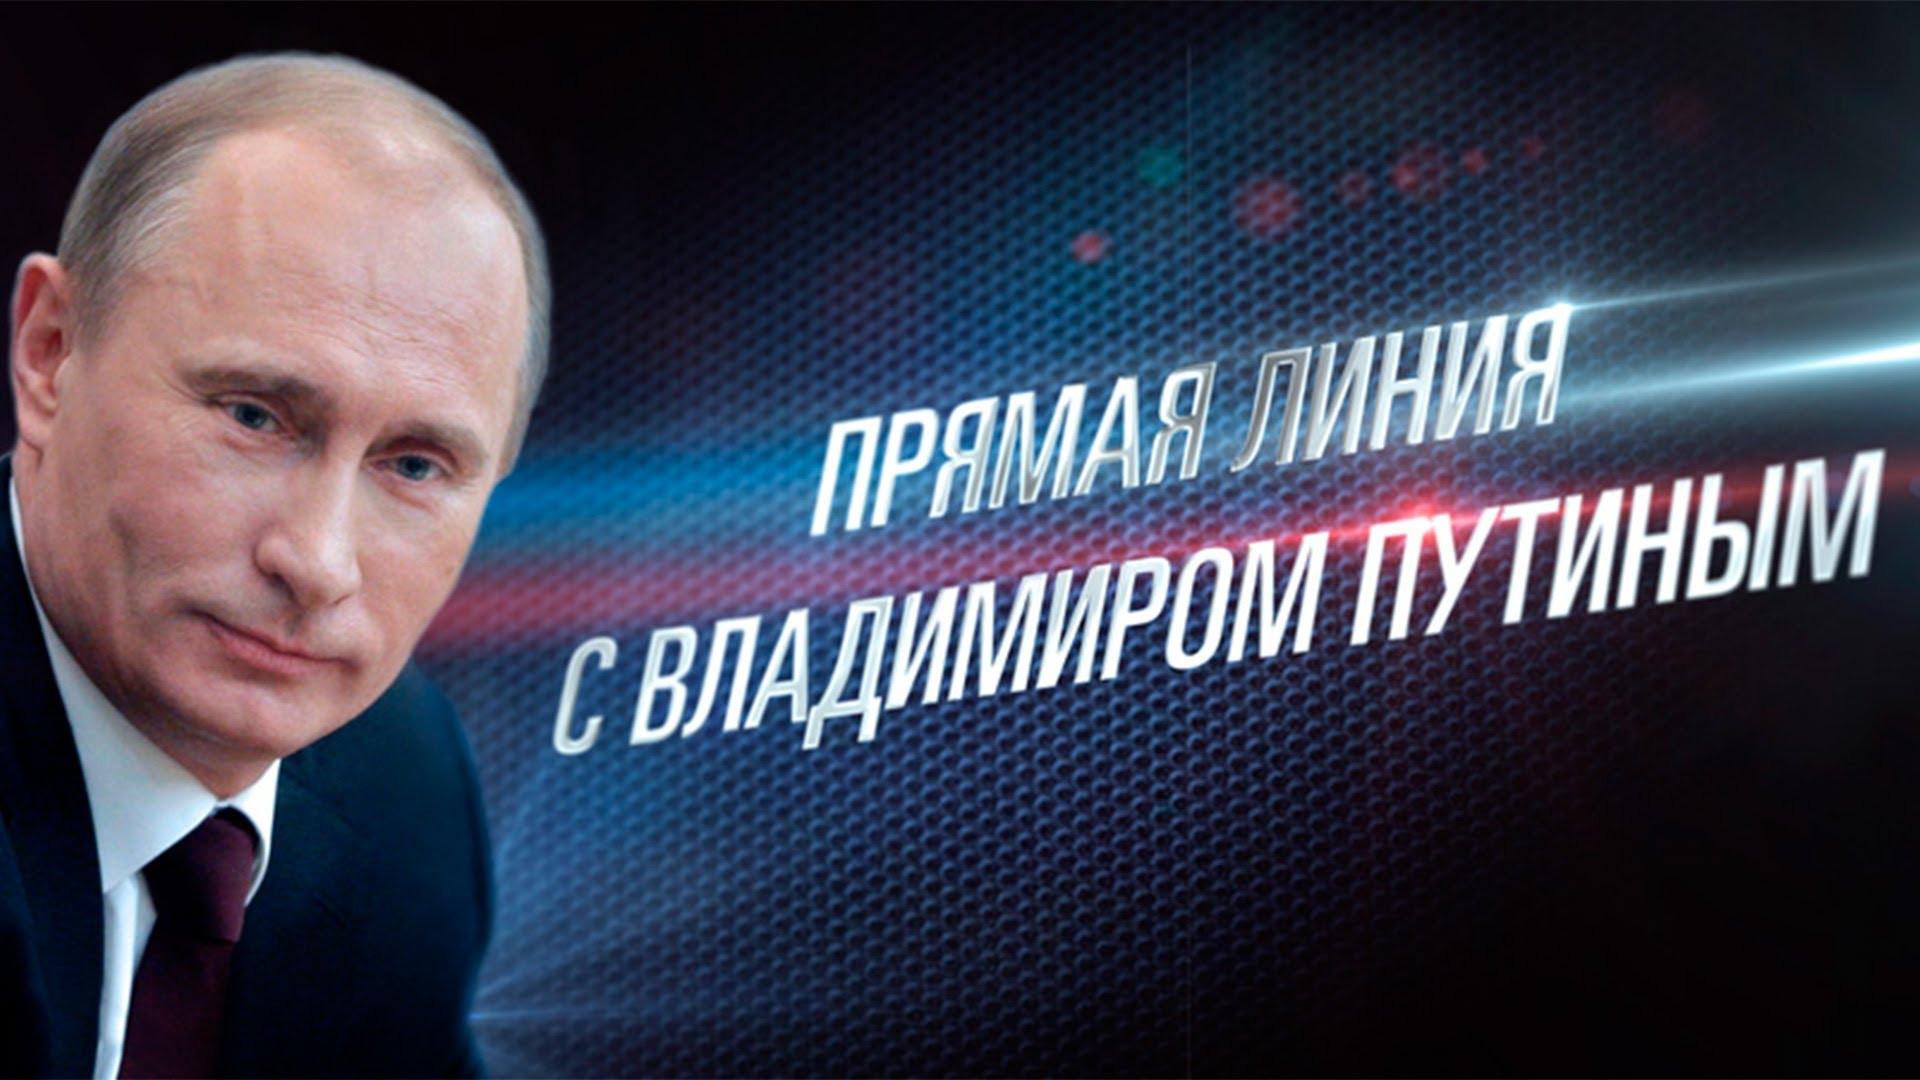 Путин: Российская Федерация снимет санкции вответ натакоеже решение Запада